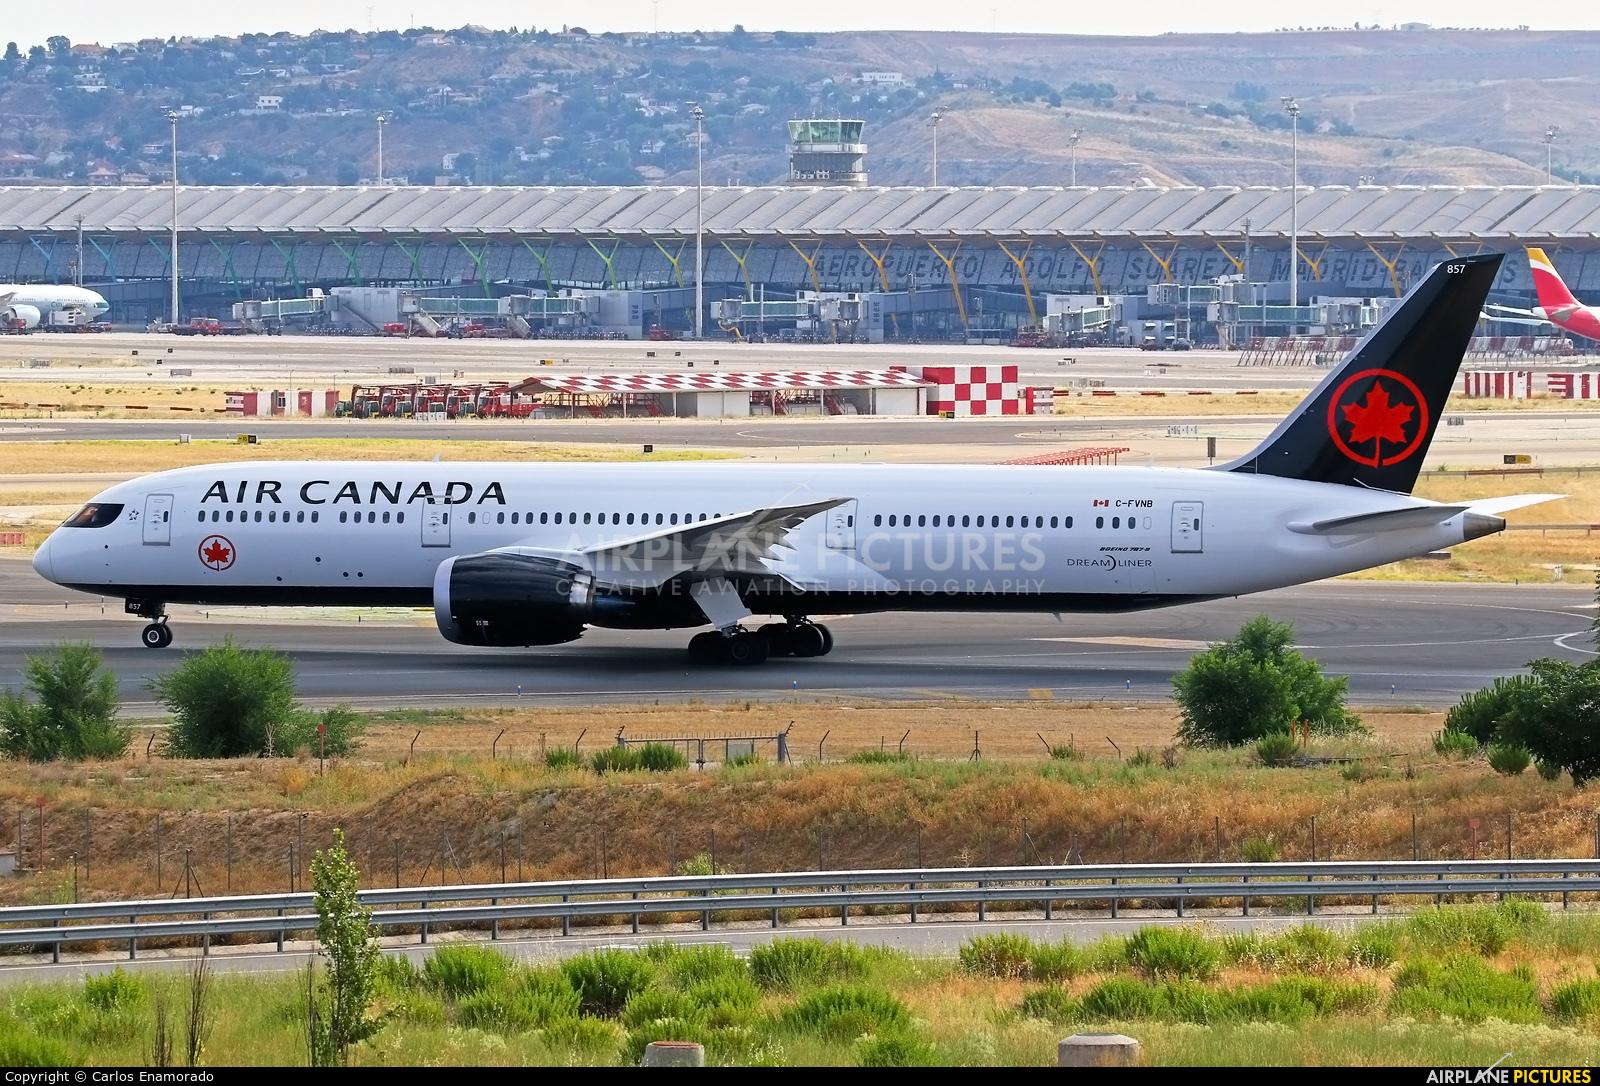 Air Canada C-FVNB aircraft at Madrid - Barajas